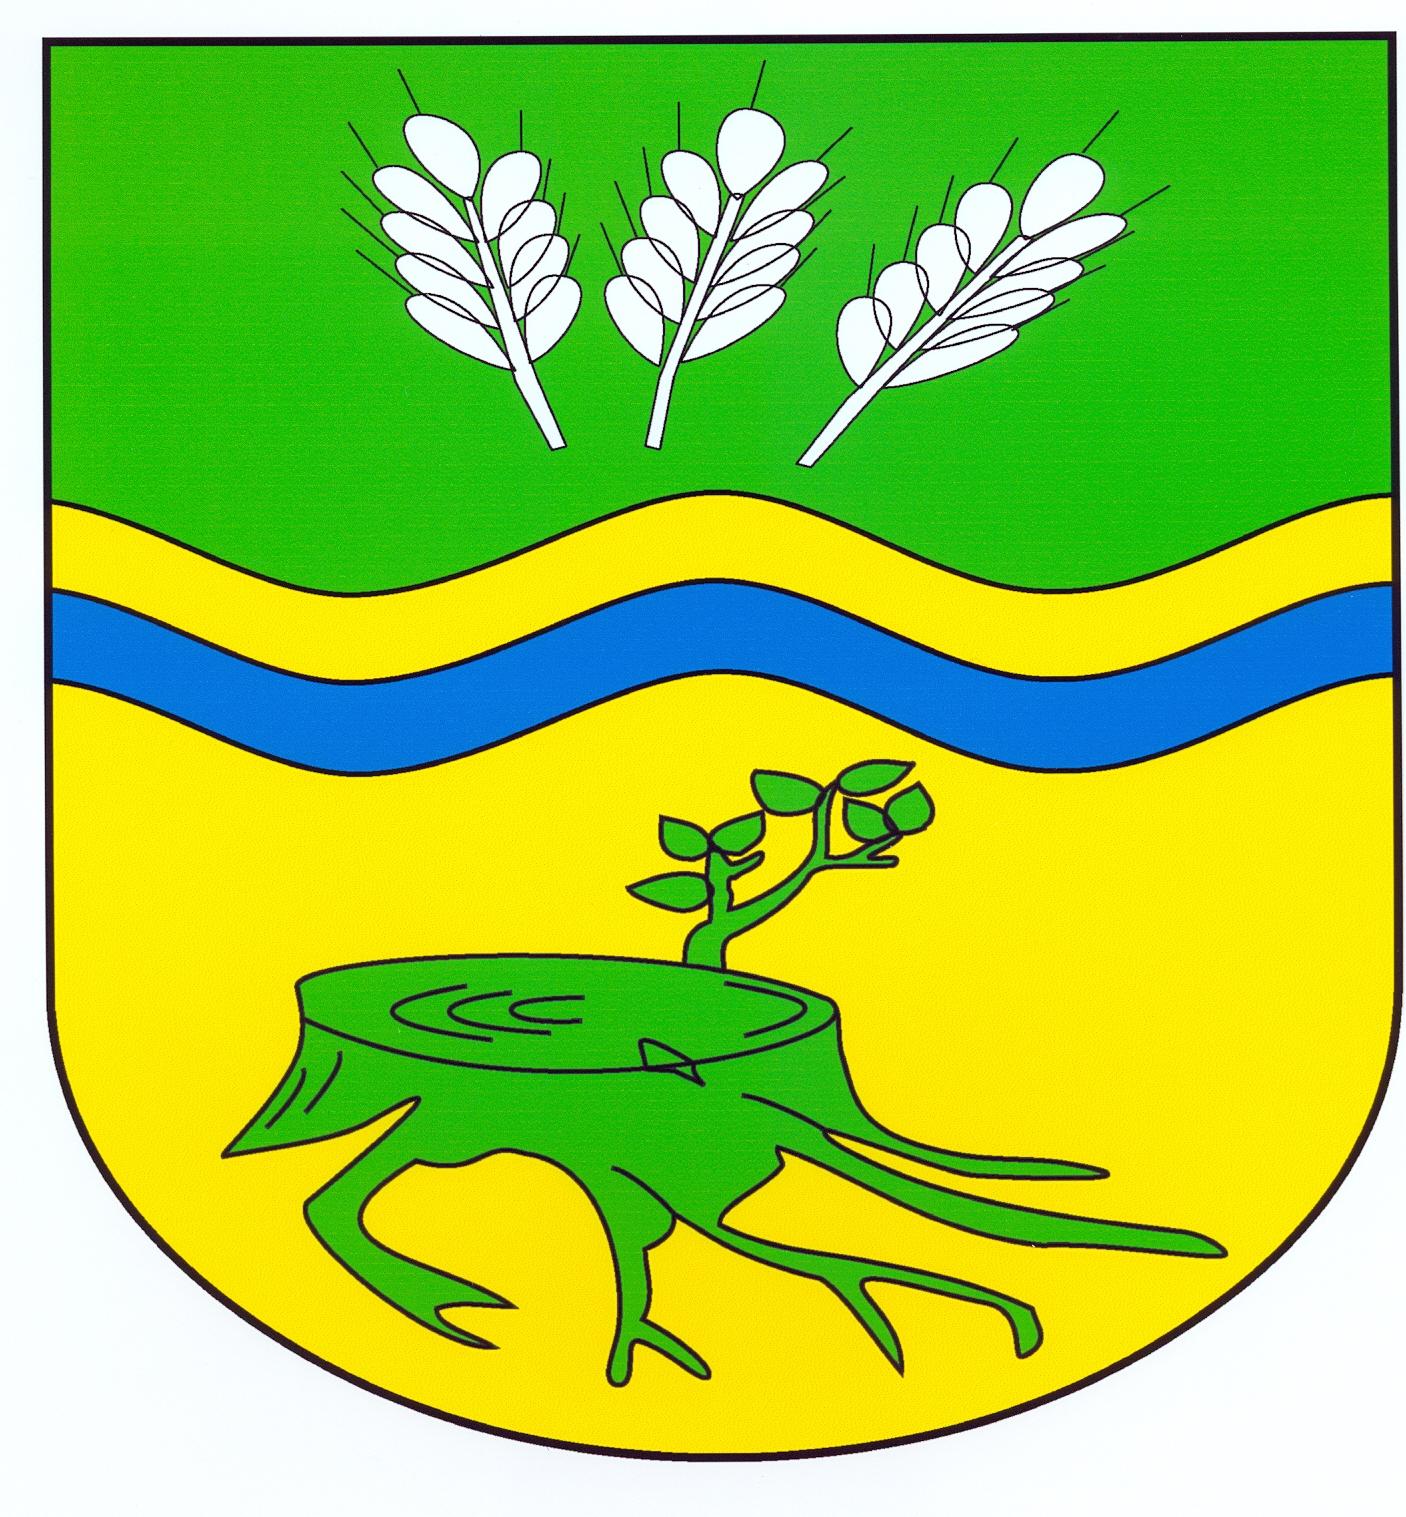 Wappen GemeindeStubben, Kreis Herzogtum Lauenburg